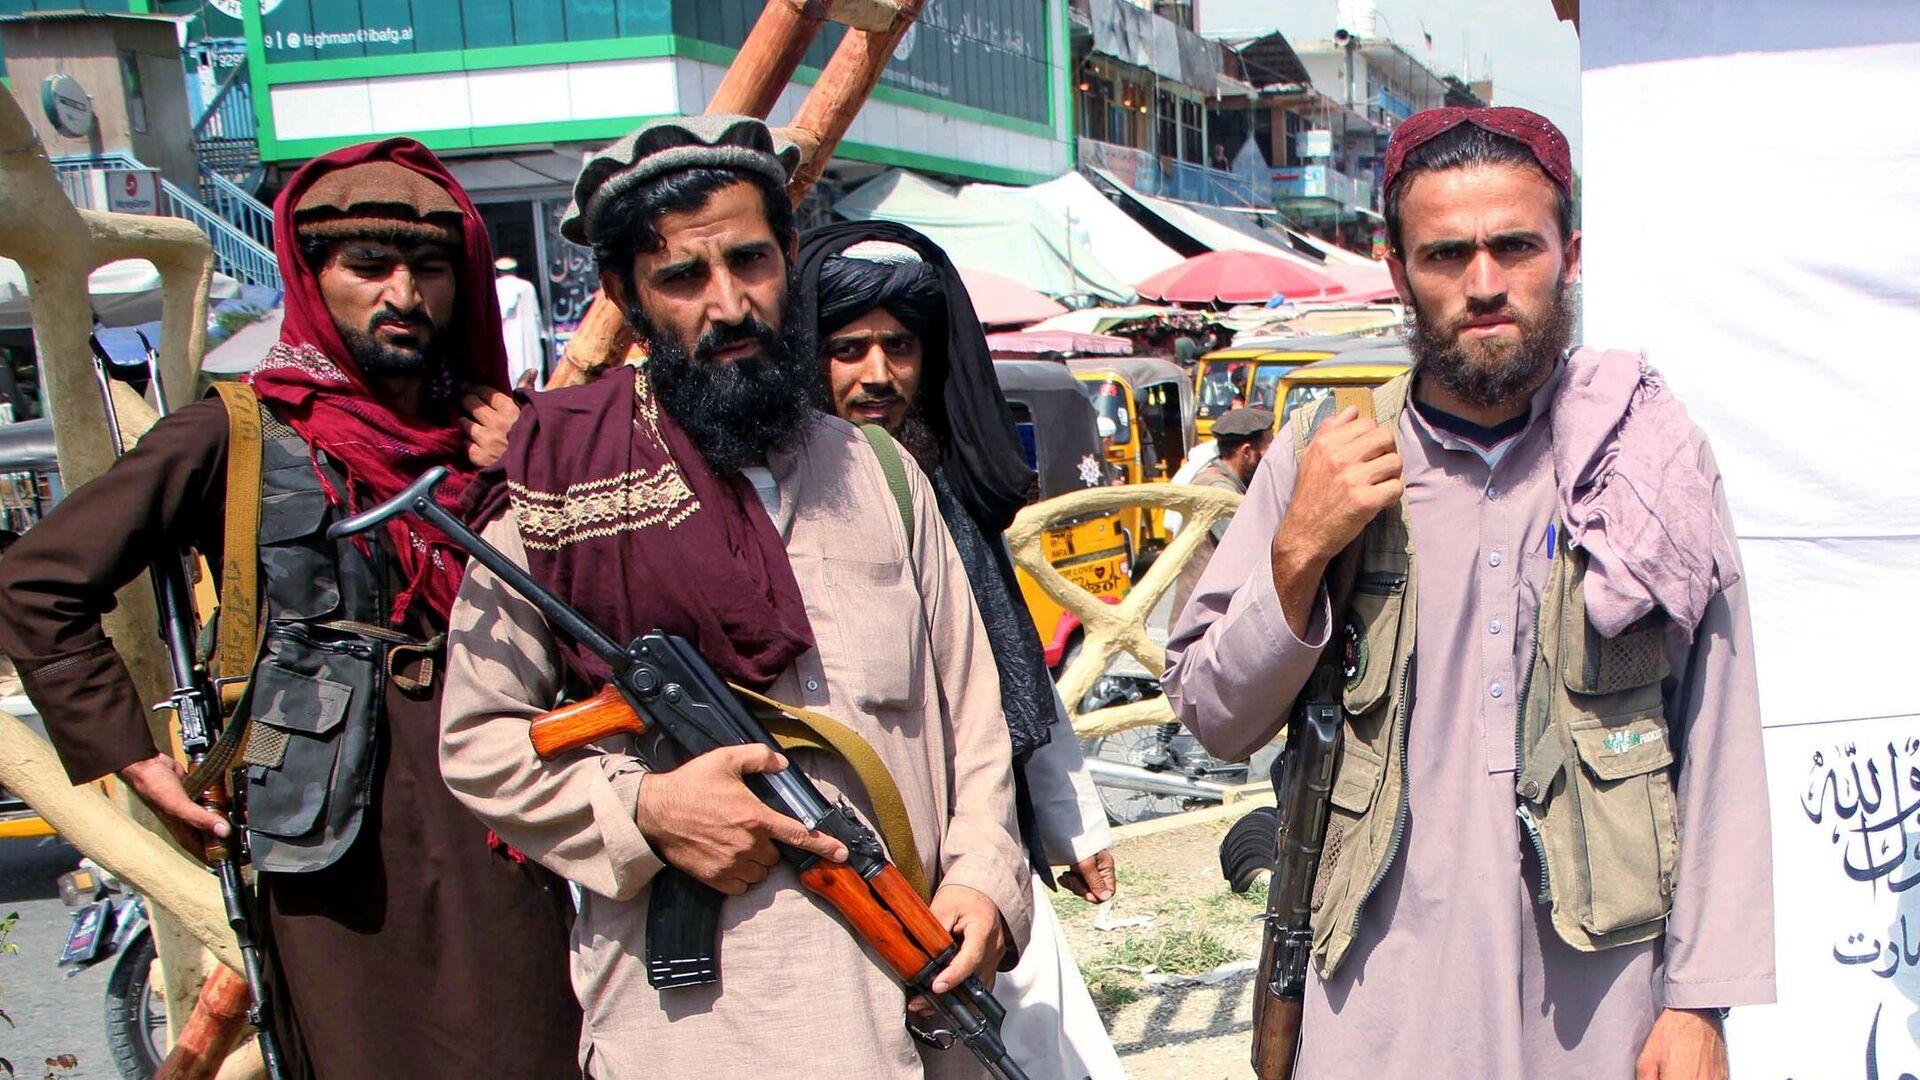 Боевики движения Талибан (террористическая организация, запрещена в России)  - РИА Новости, 1920, 14.10.2021